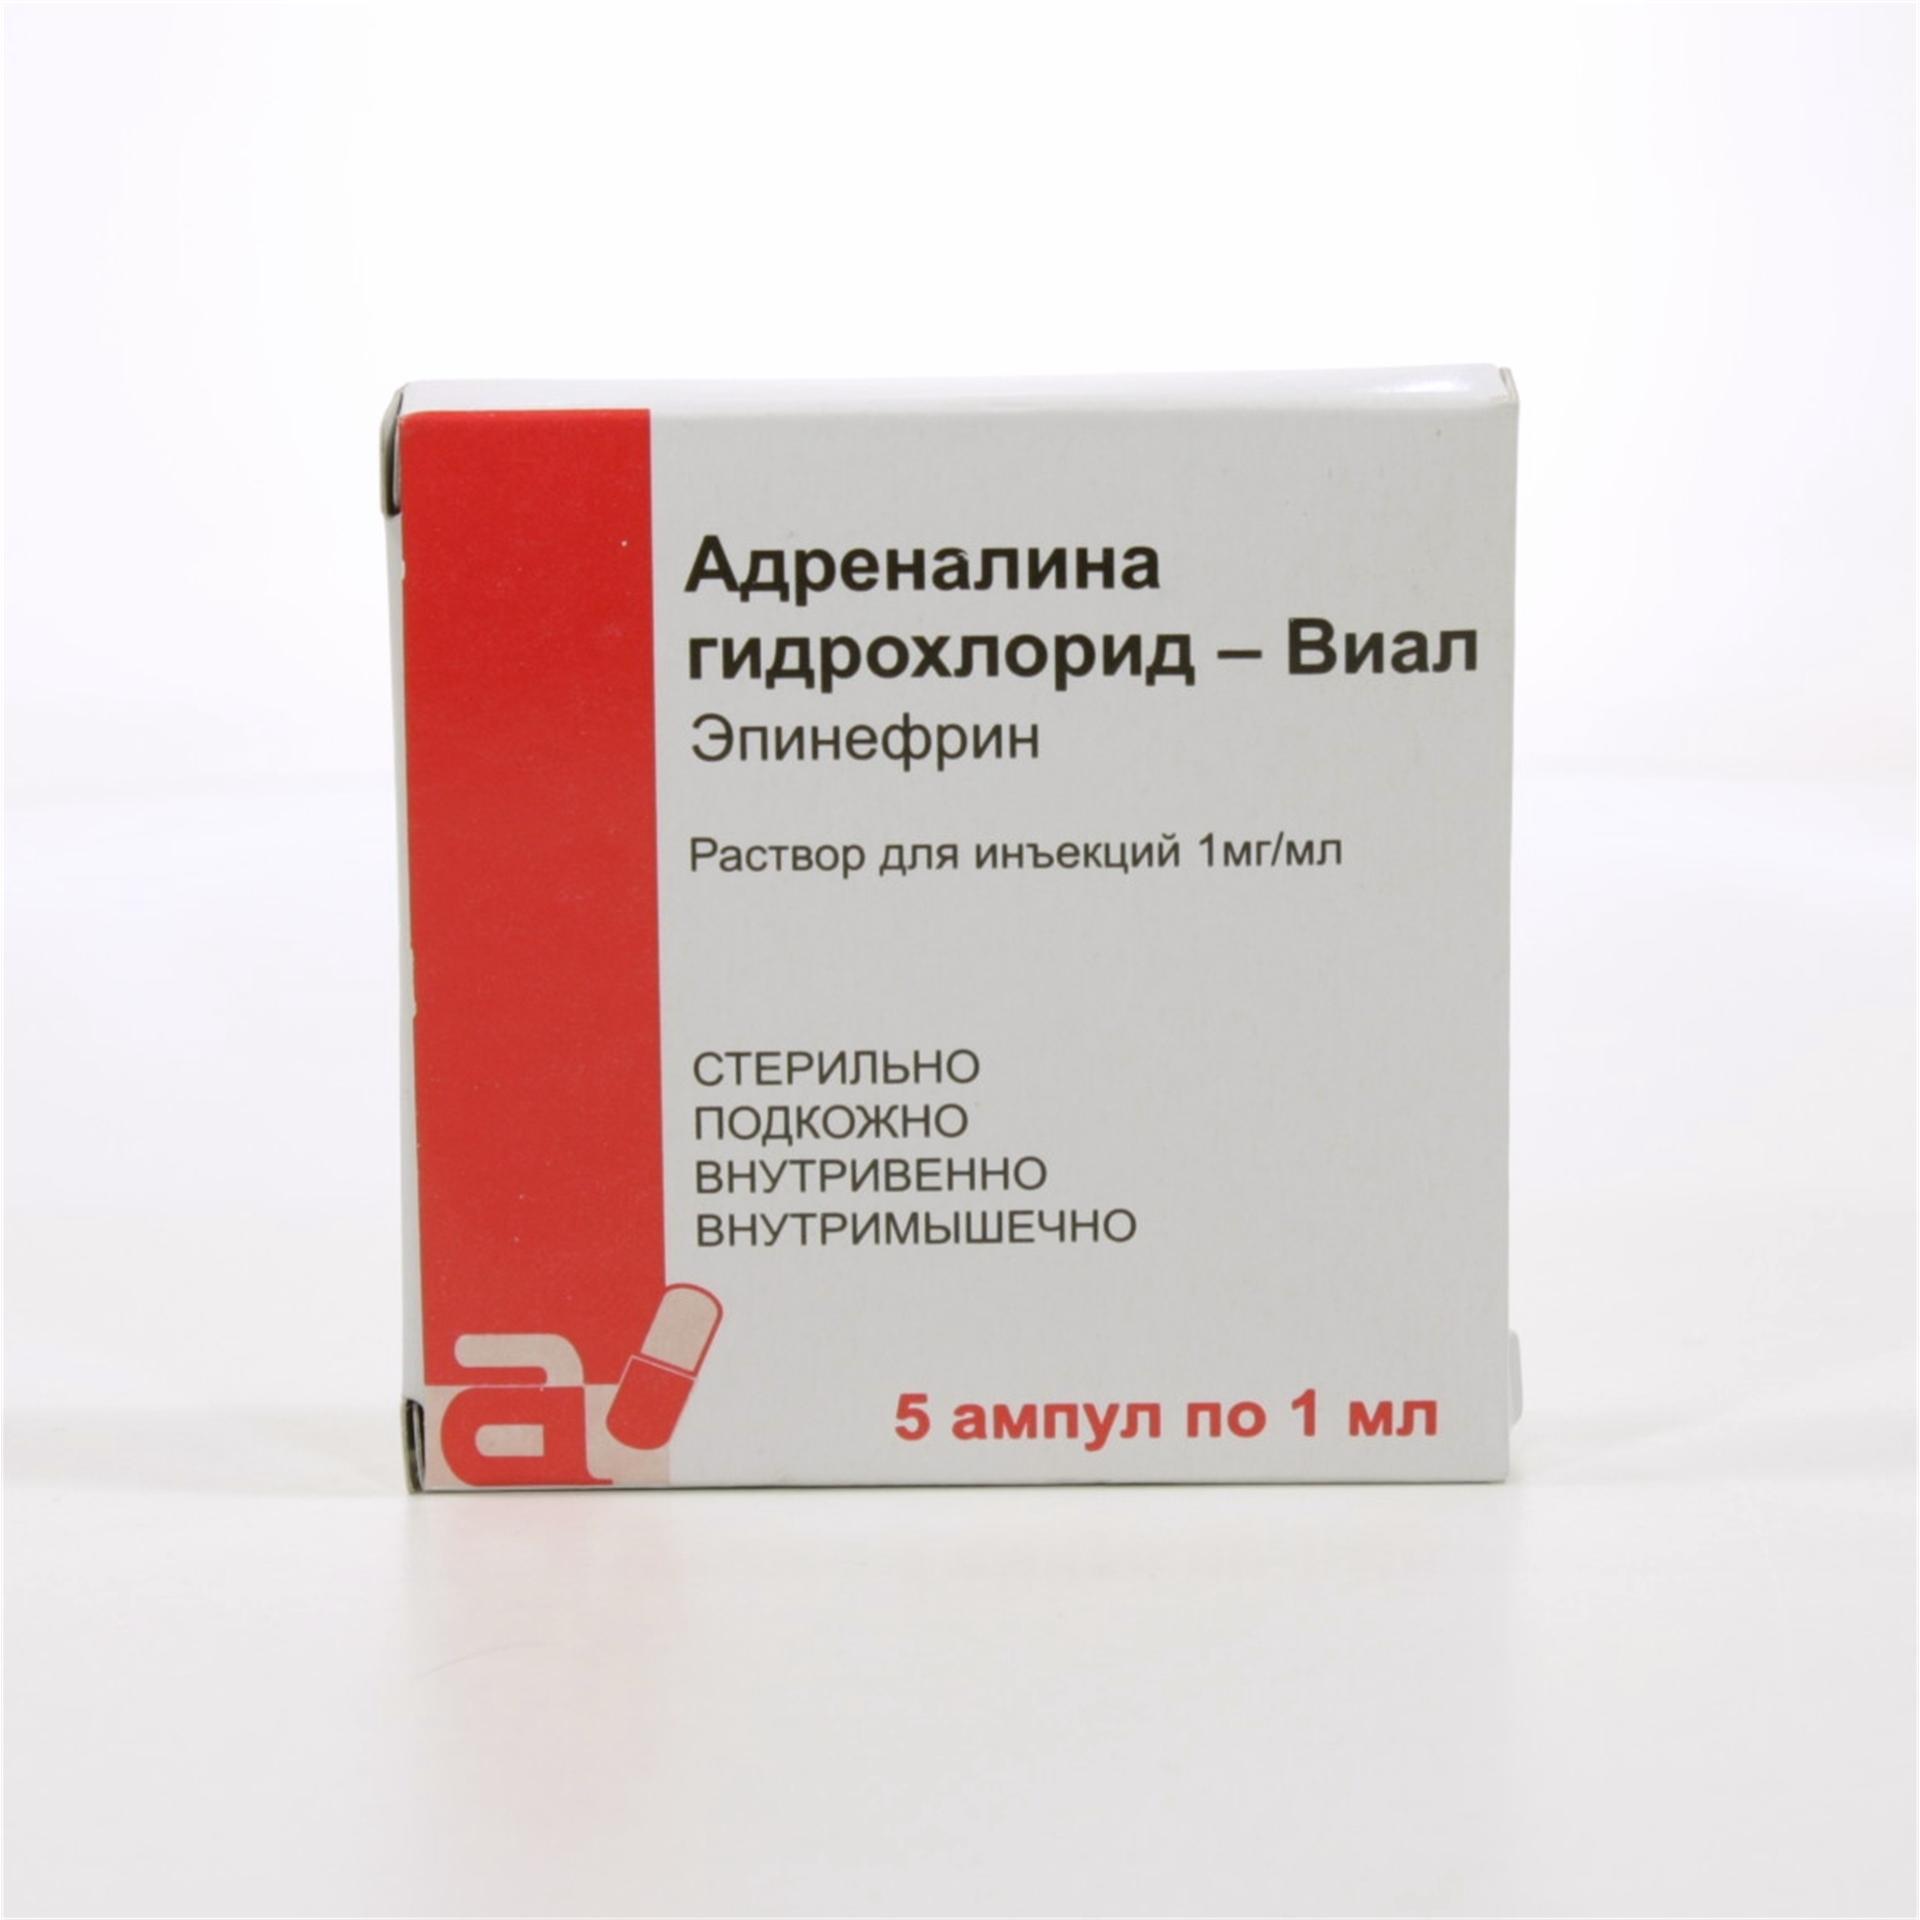 Адреналин при бронхиальной астме рецепт 43